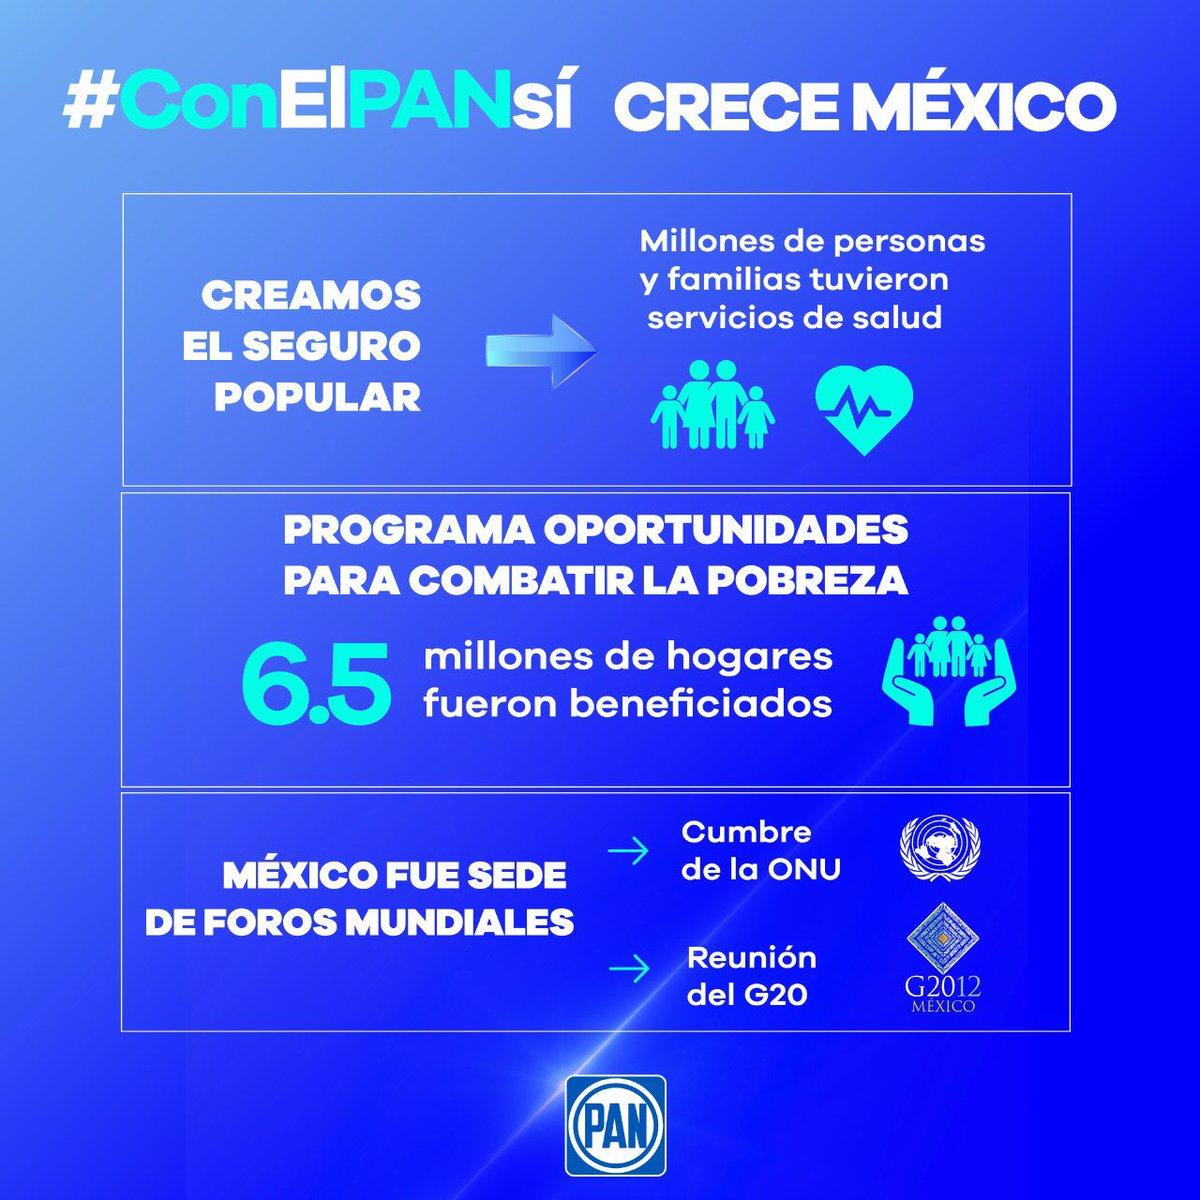 A 80 años de nuestra fundación, @AccionNacional ha demostrado que es la alternativa en México y el principal contrapeso de poder frente al Gobierno autoritario y regresivo de Morena. #ConELPANsí #80AñosDelPAN